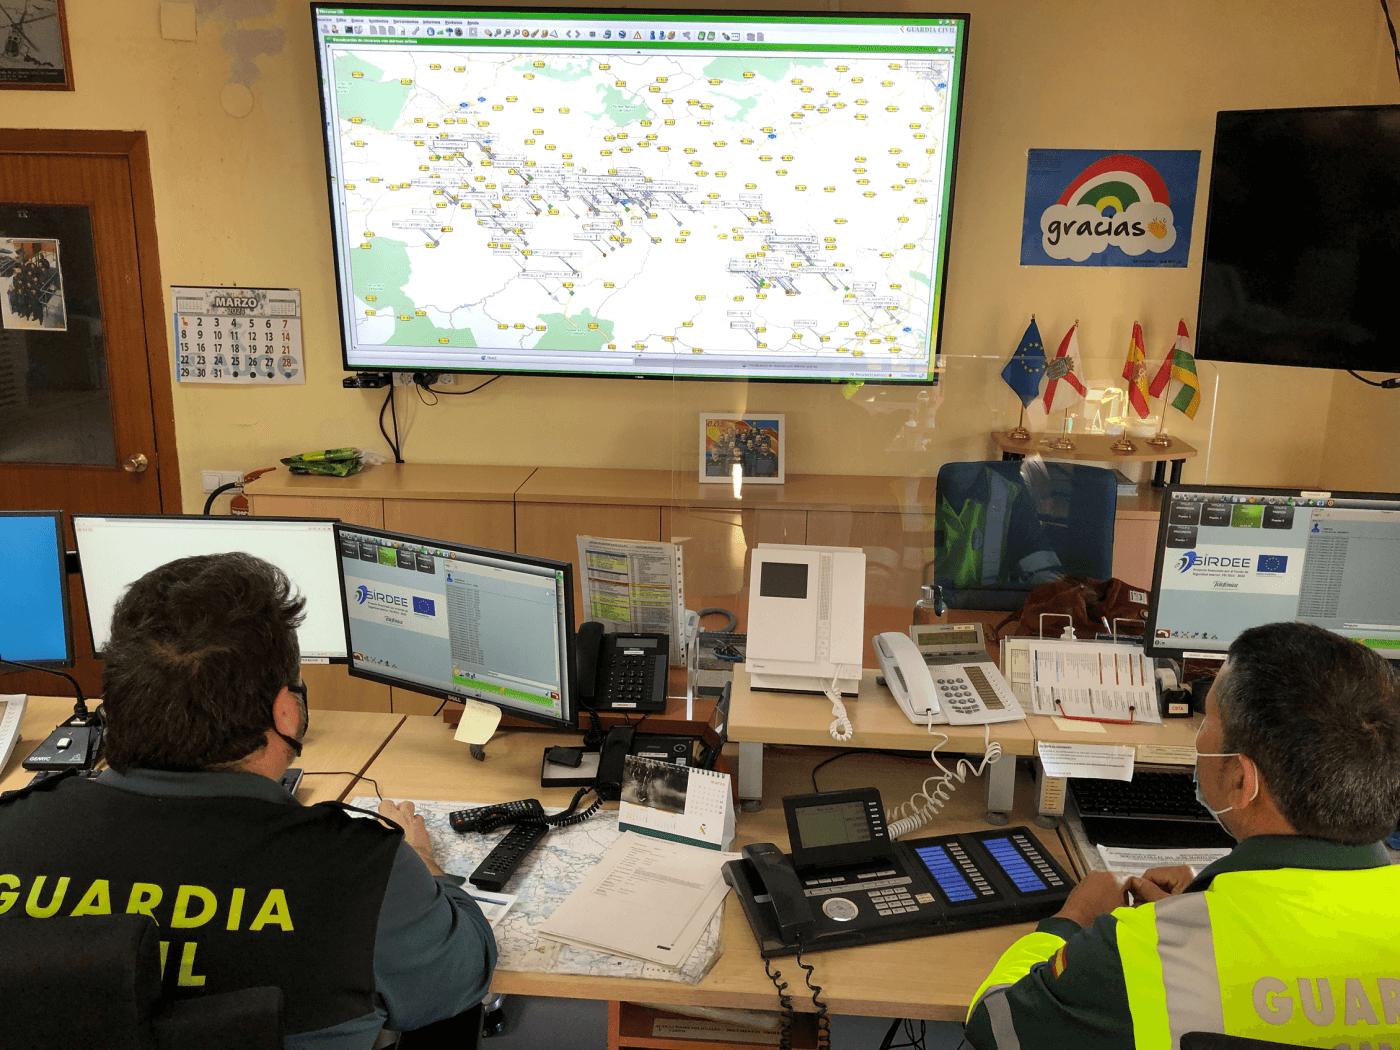 La Guardia Civil de La Rioja activa un nuevo correo electrónico a disposición de los ciudadanos